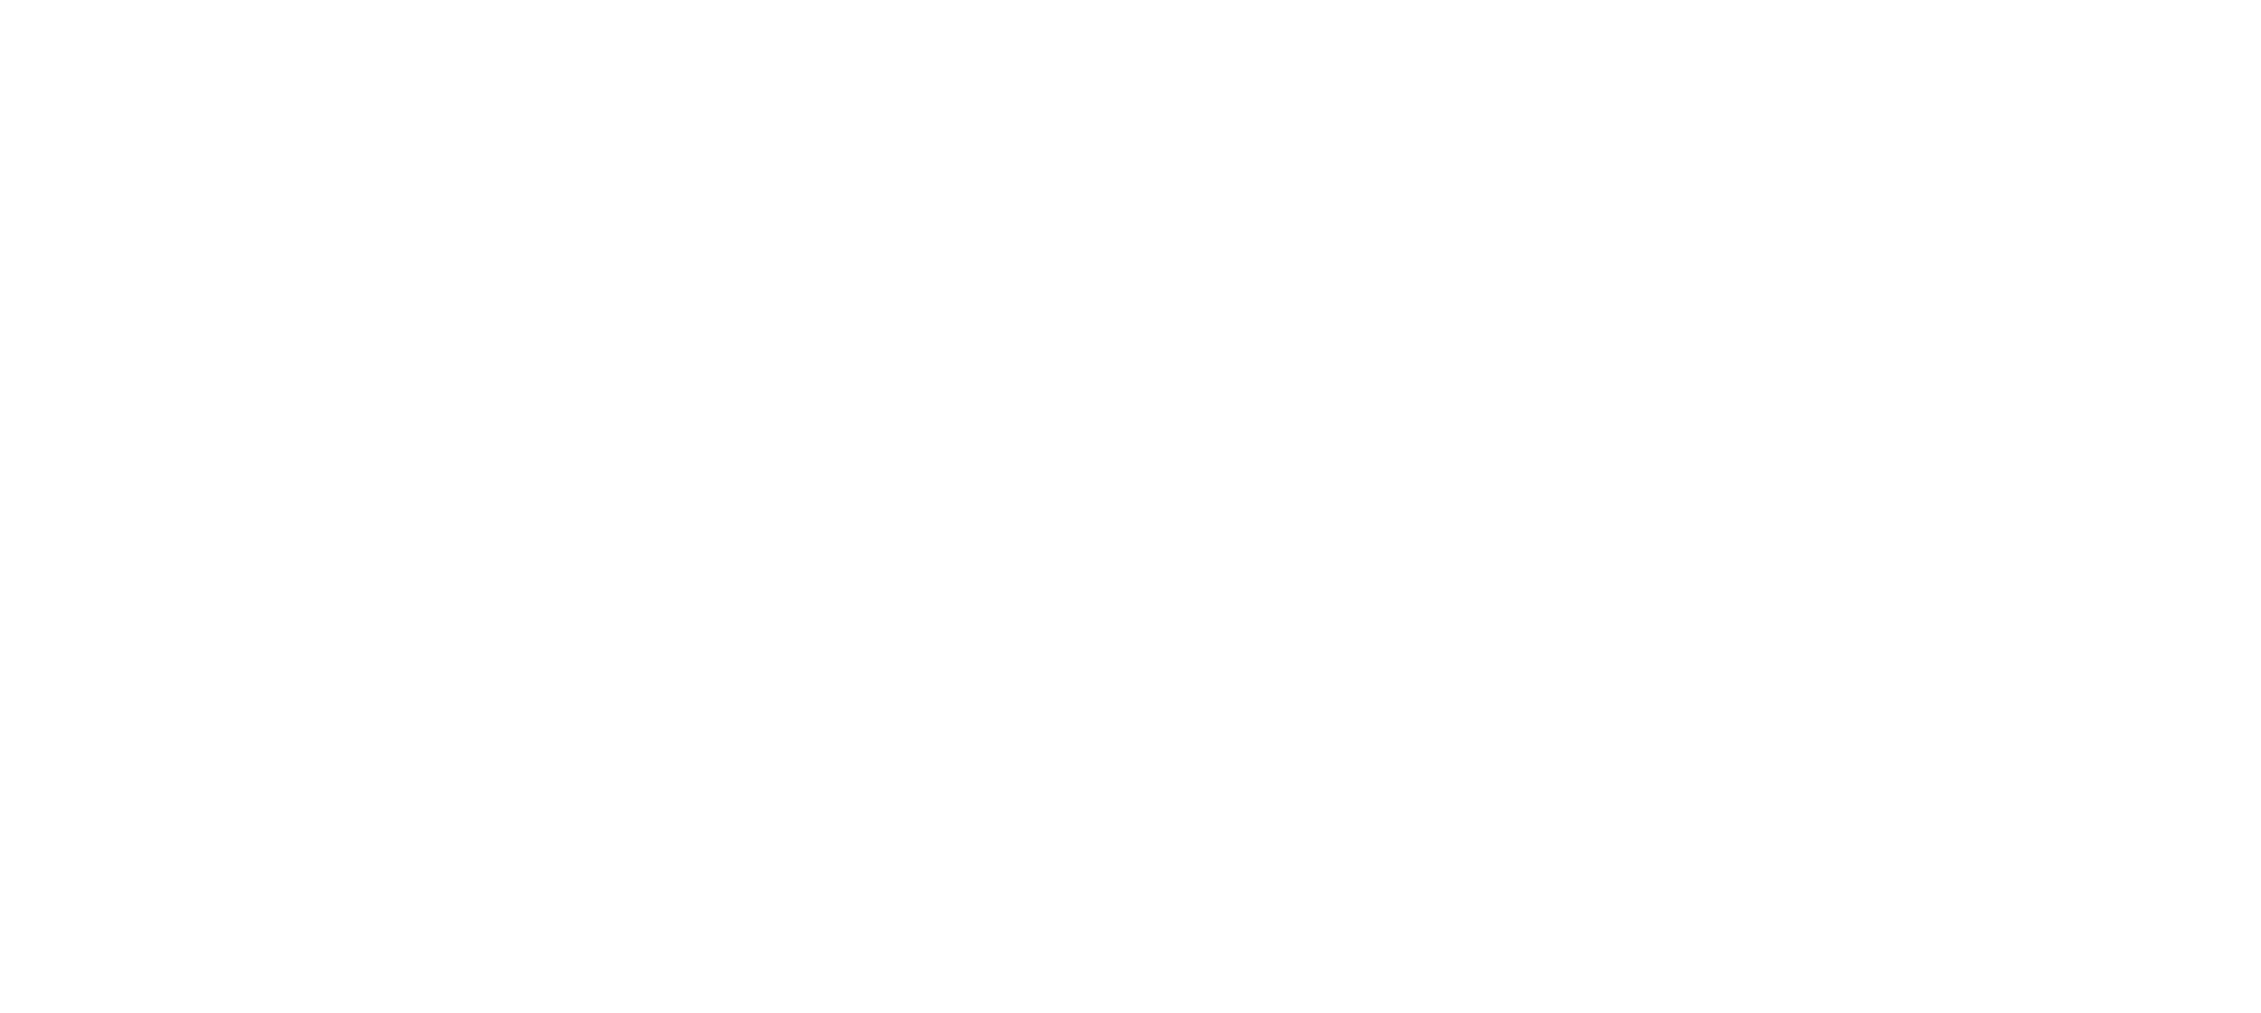 Erlebnis - Reederei Zollenspieker - Hoopte